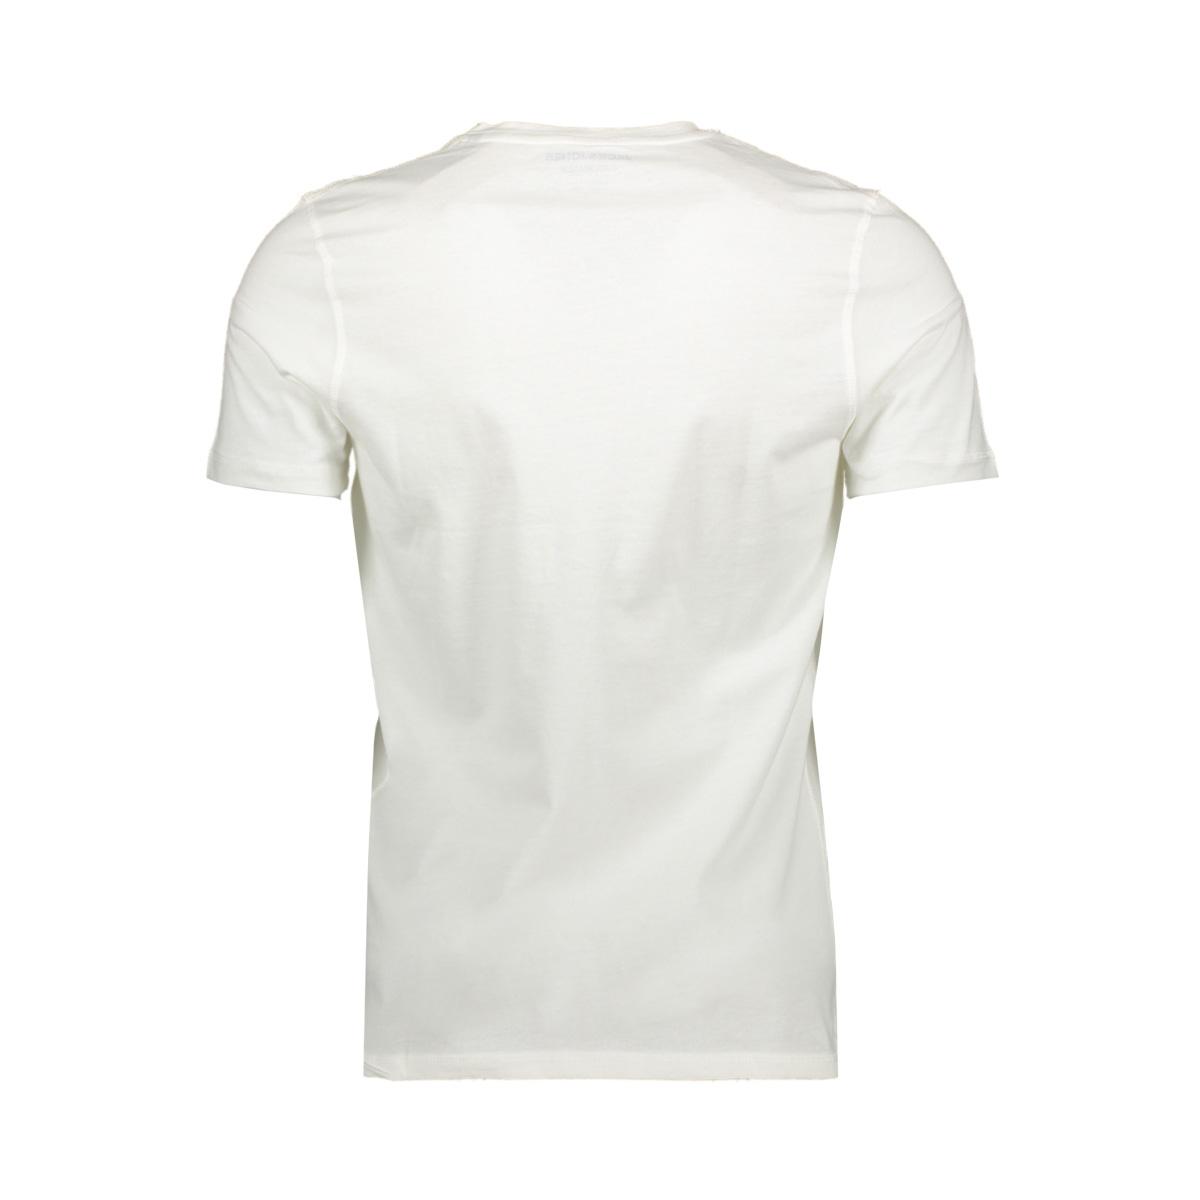 jorrival tee ss crew neck 12155596 jack & jones t-shirt cloud dancer/slim